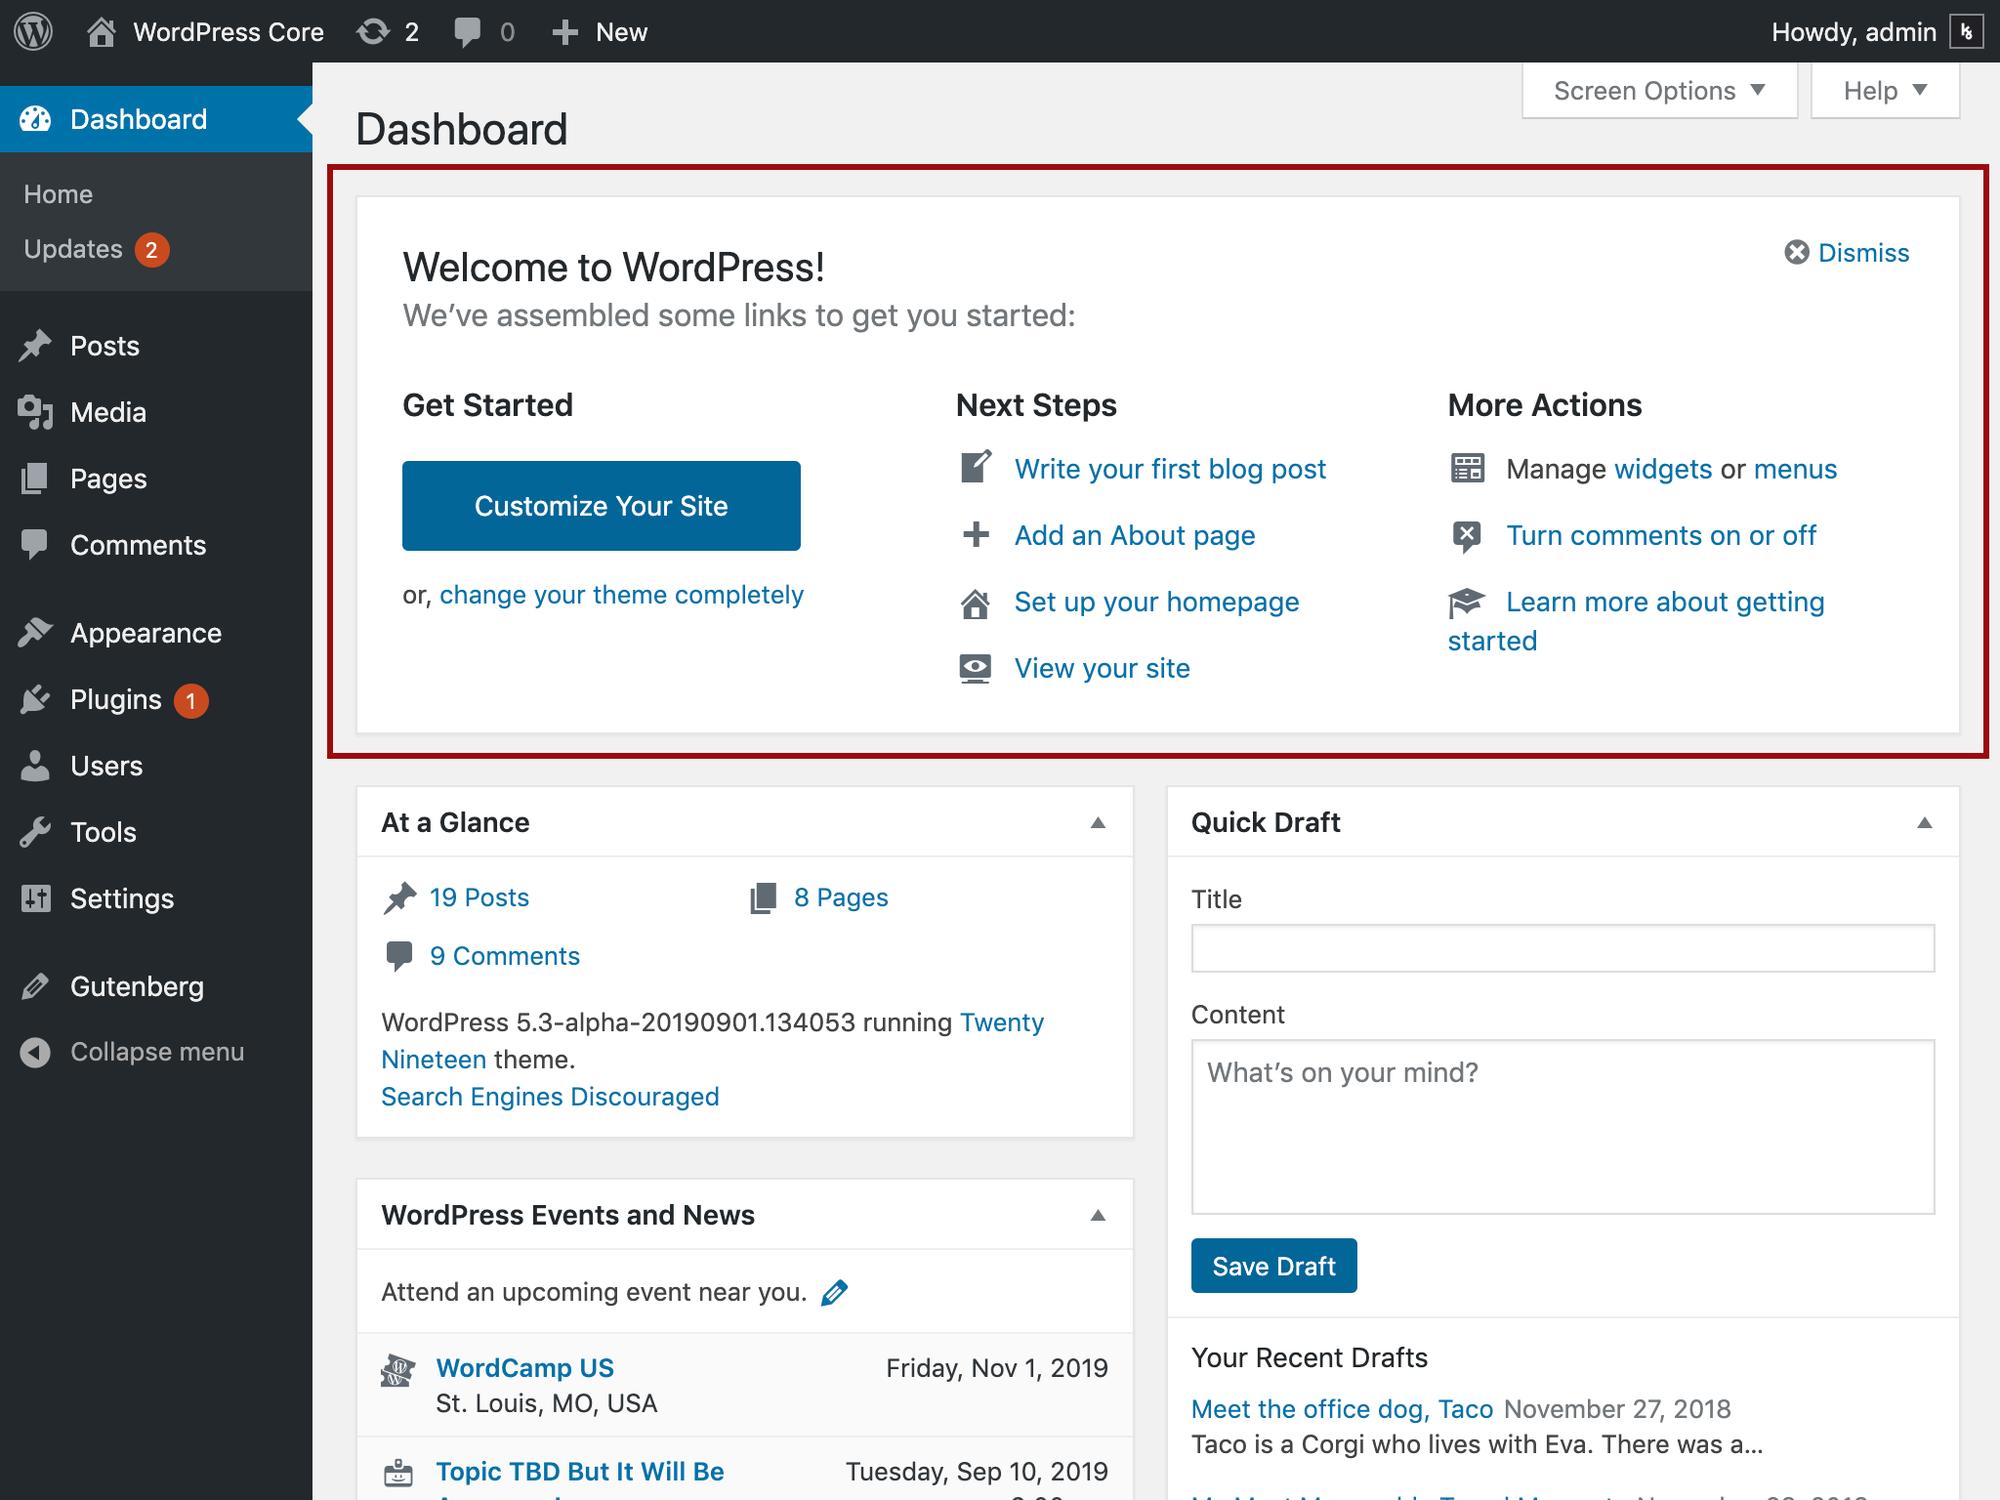 Wordpress-dashboard-la-gi 3